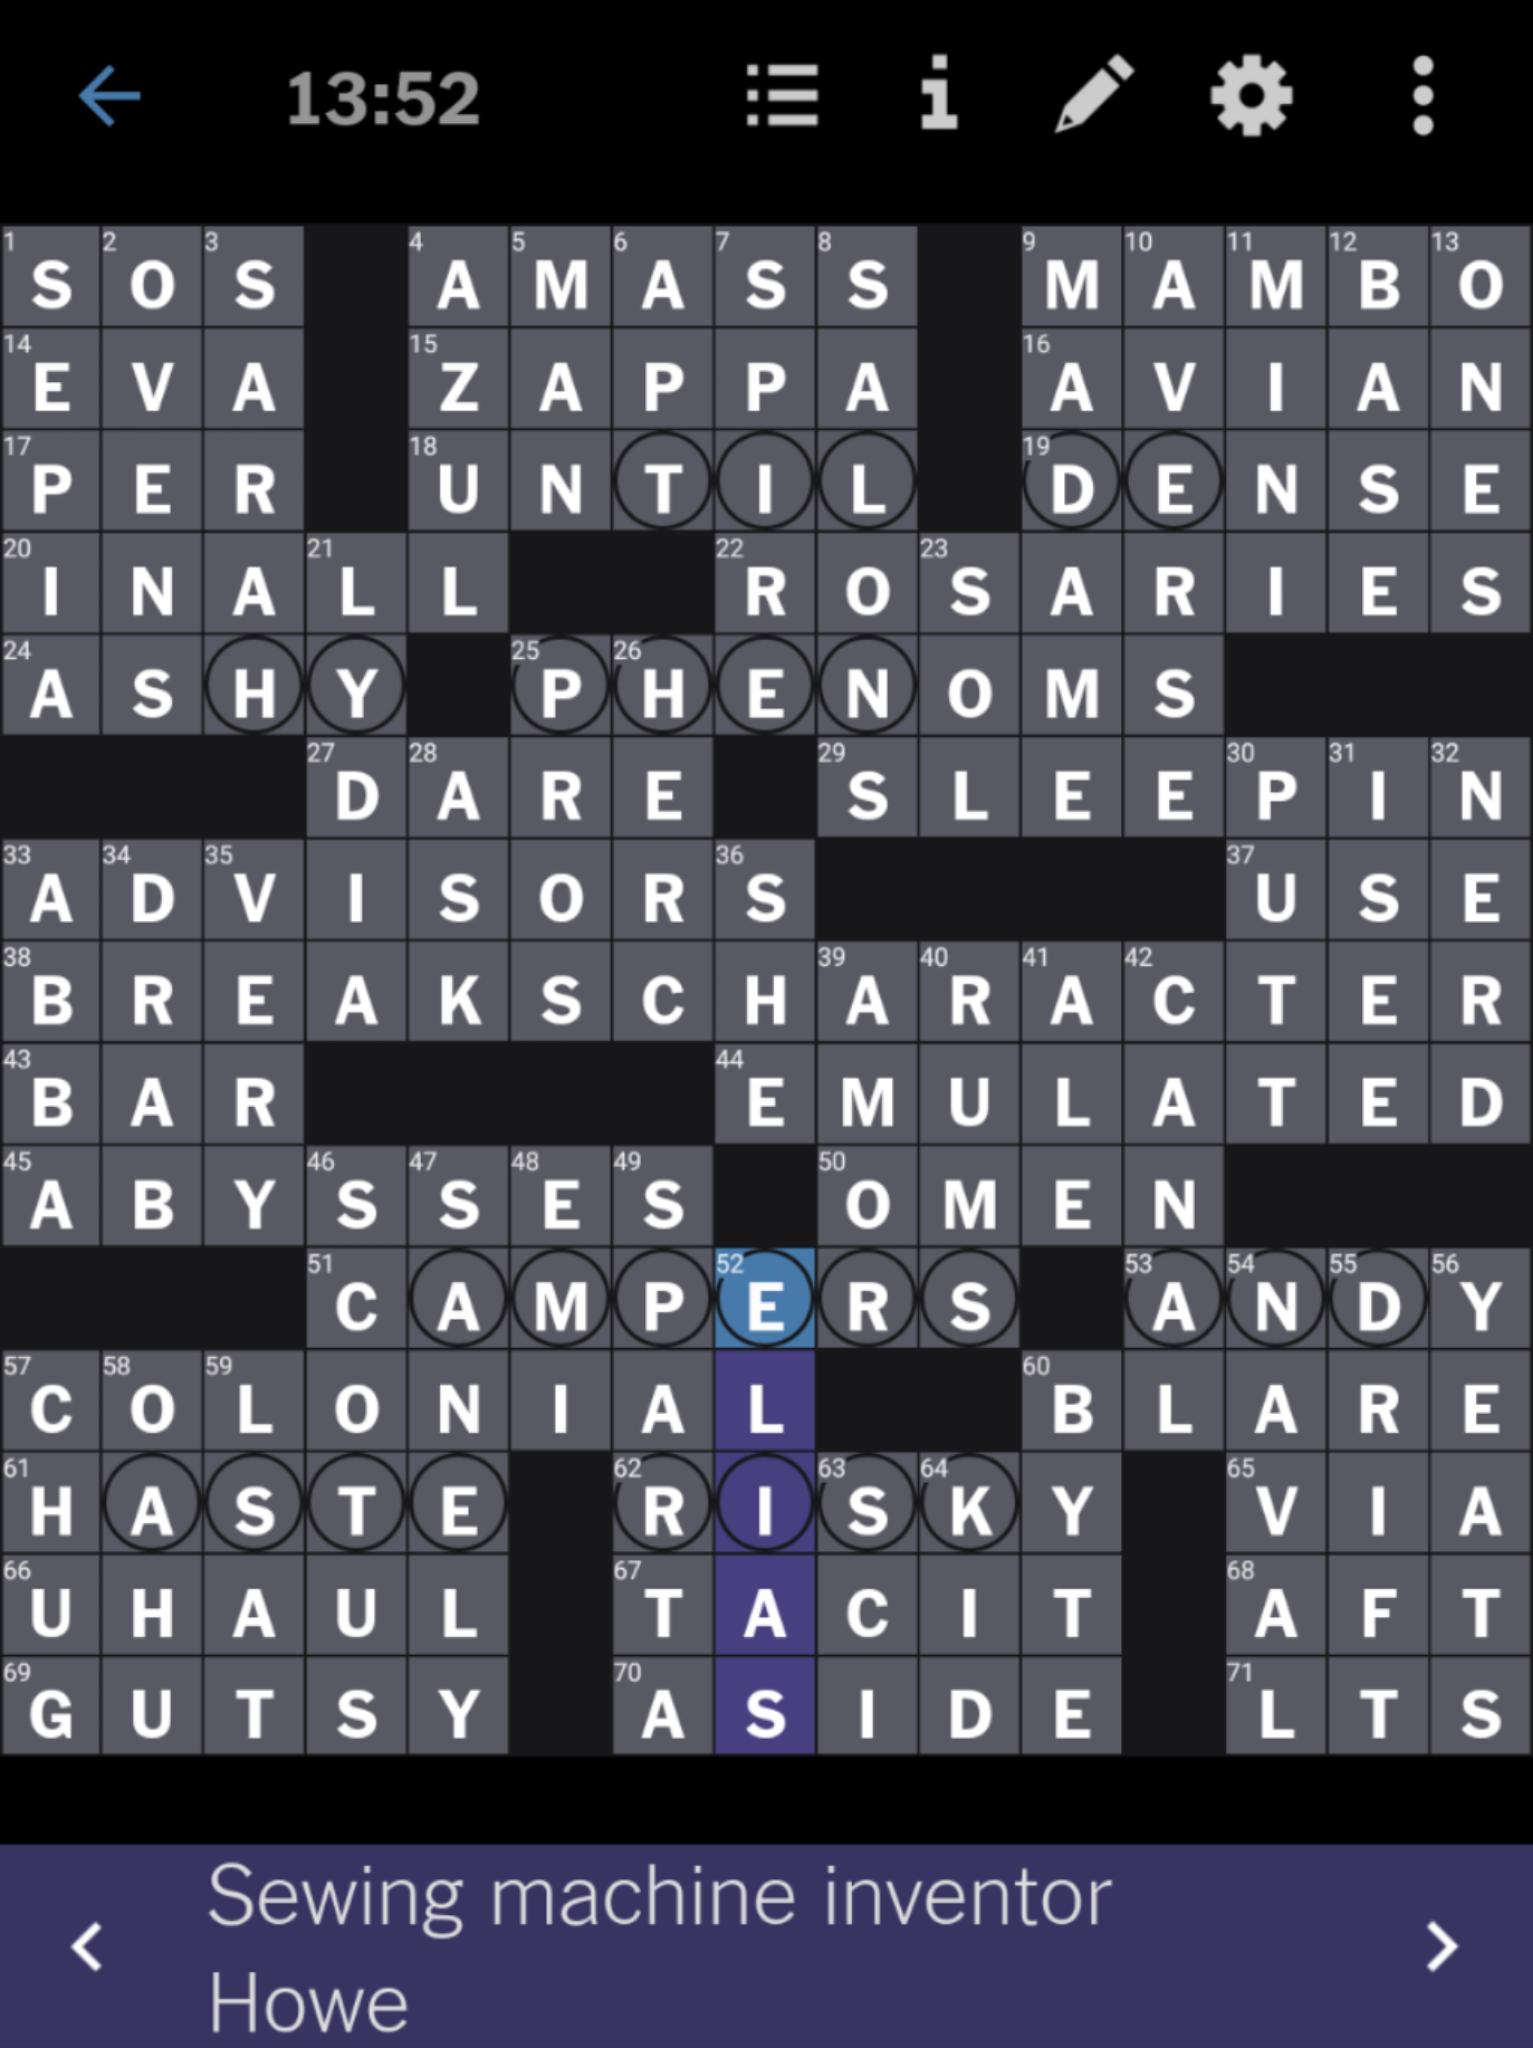 NYT Crossword 9-29-20 complete